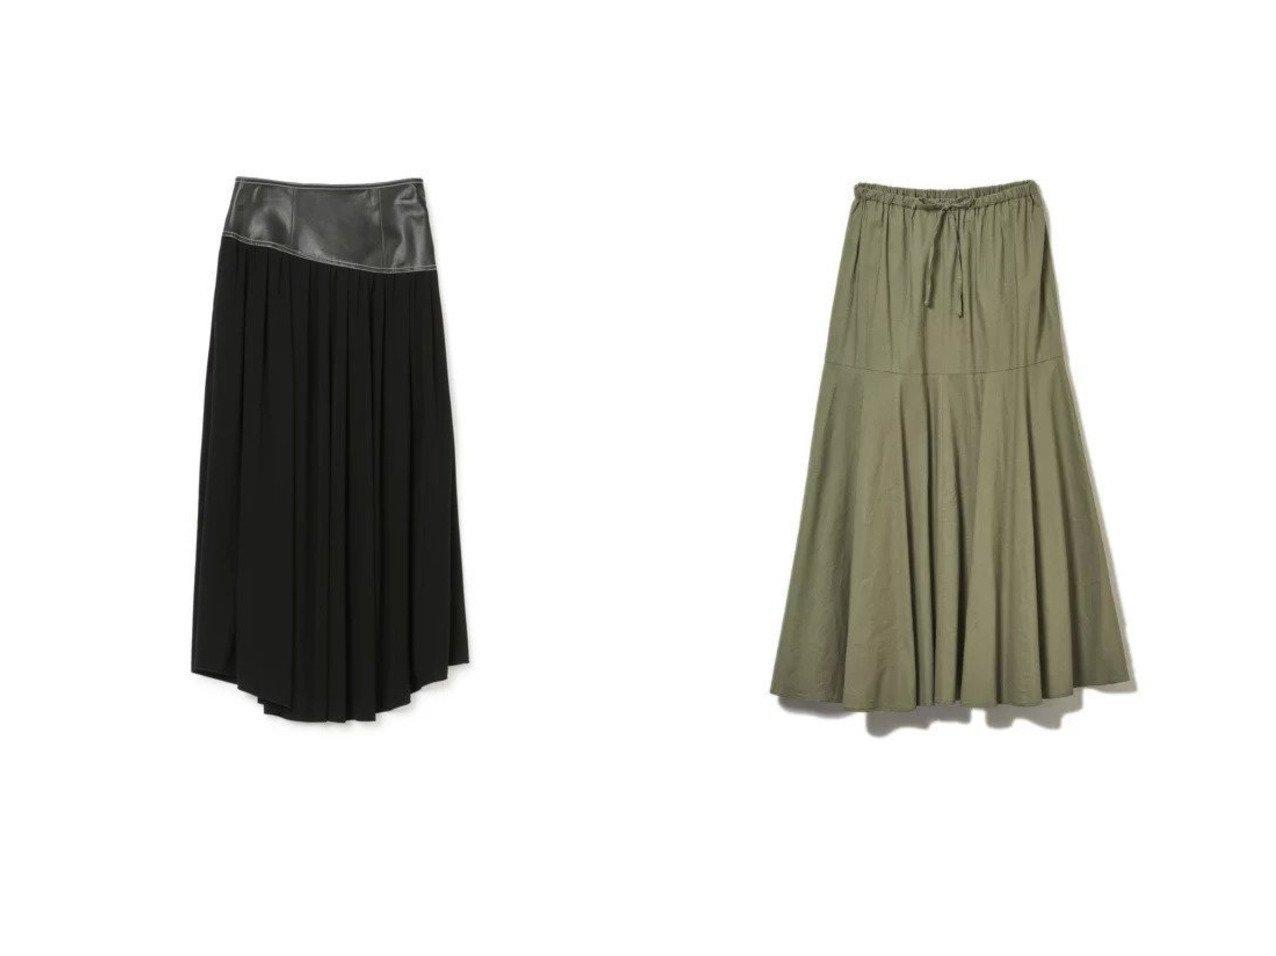 【CLEAR IMPRESSION/クリアインプレッション】の《INED CLARO》リネンレーヨンティアードスカート&【LE CIEL BLEU/ルシェル ブルー】のLeatherCorsetスカート 【スカート】おすすめ!人気、トレンド・レディースファッションの通販 おすすめで人気の流行・トレンド、ファッションの通販商品 インテリア・家具・メンズファッション・キッズファッション・レディースファッション・服の通販 founy(ファニー) https://founy.com/ ファッション Fashion レディースファッション WOMEN スカート Skirt ティアードスカート Tiered Skirts サンダル シューズ ショート ジャケット スニーカー セットアップ ティアードスカート バレエ フラット フレア リネン コルセット コンビ フェイクレザー マキシ ロング  ID:crp329100000048118